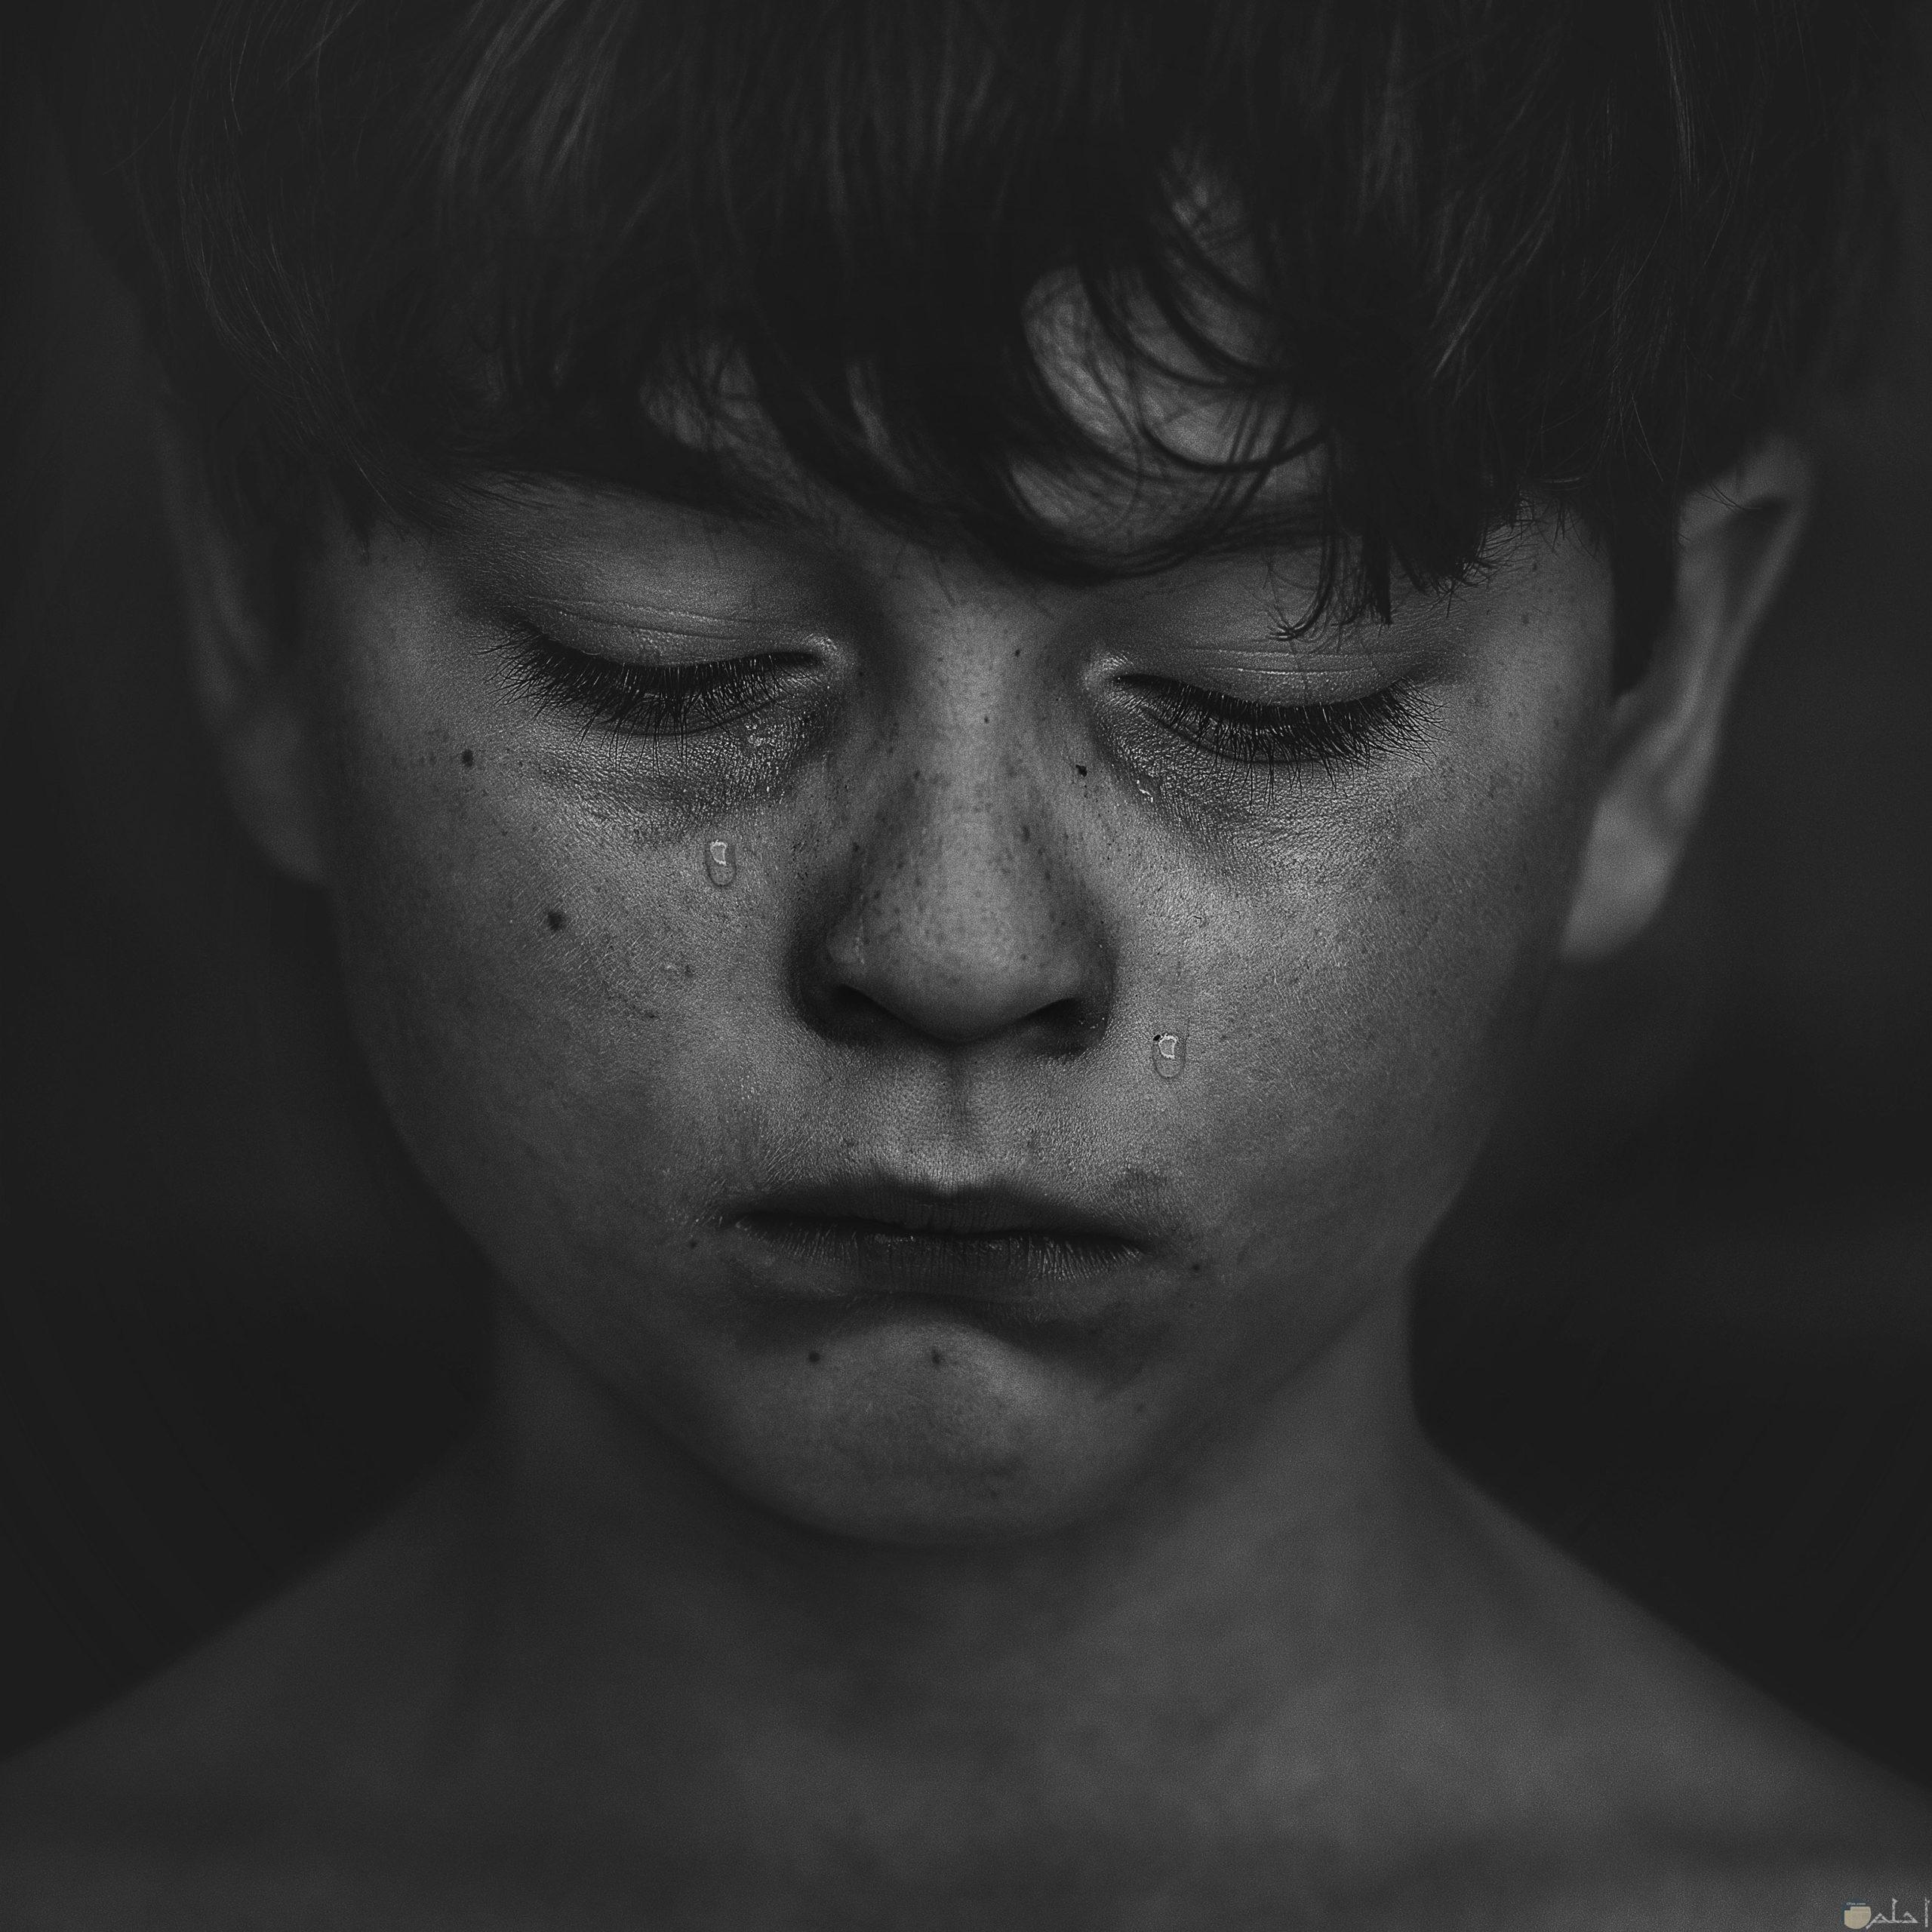 صورة للحزن الرائع فى كتمانه.